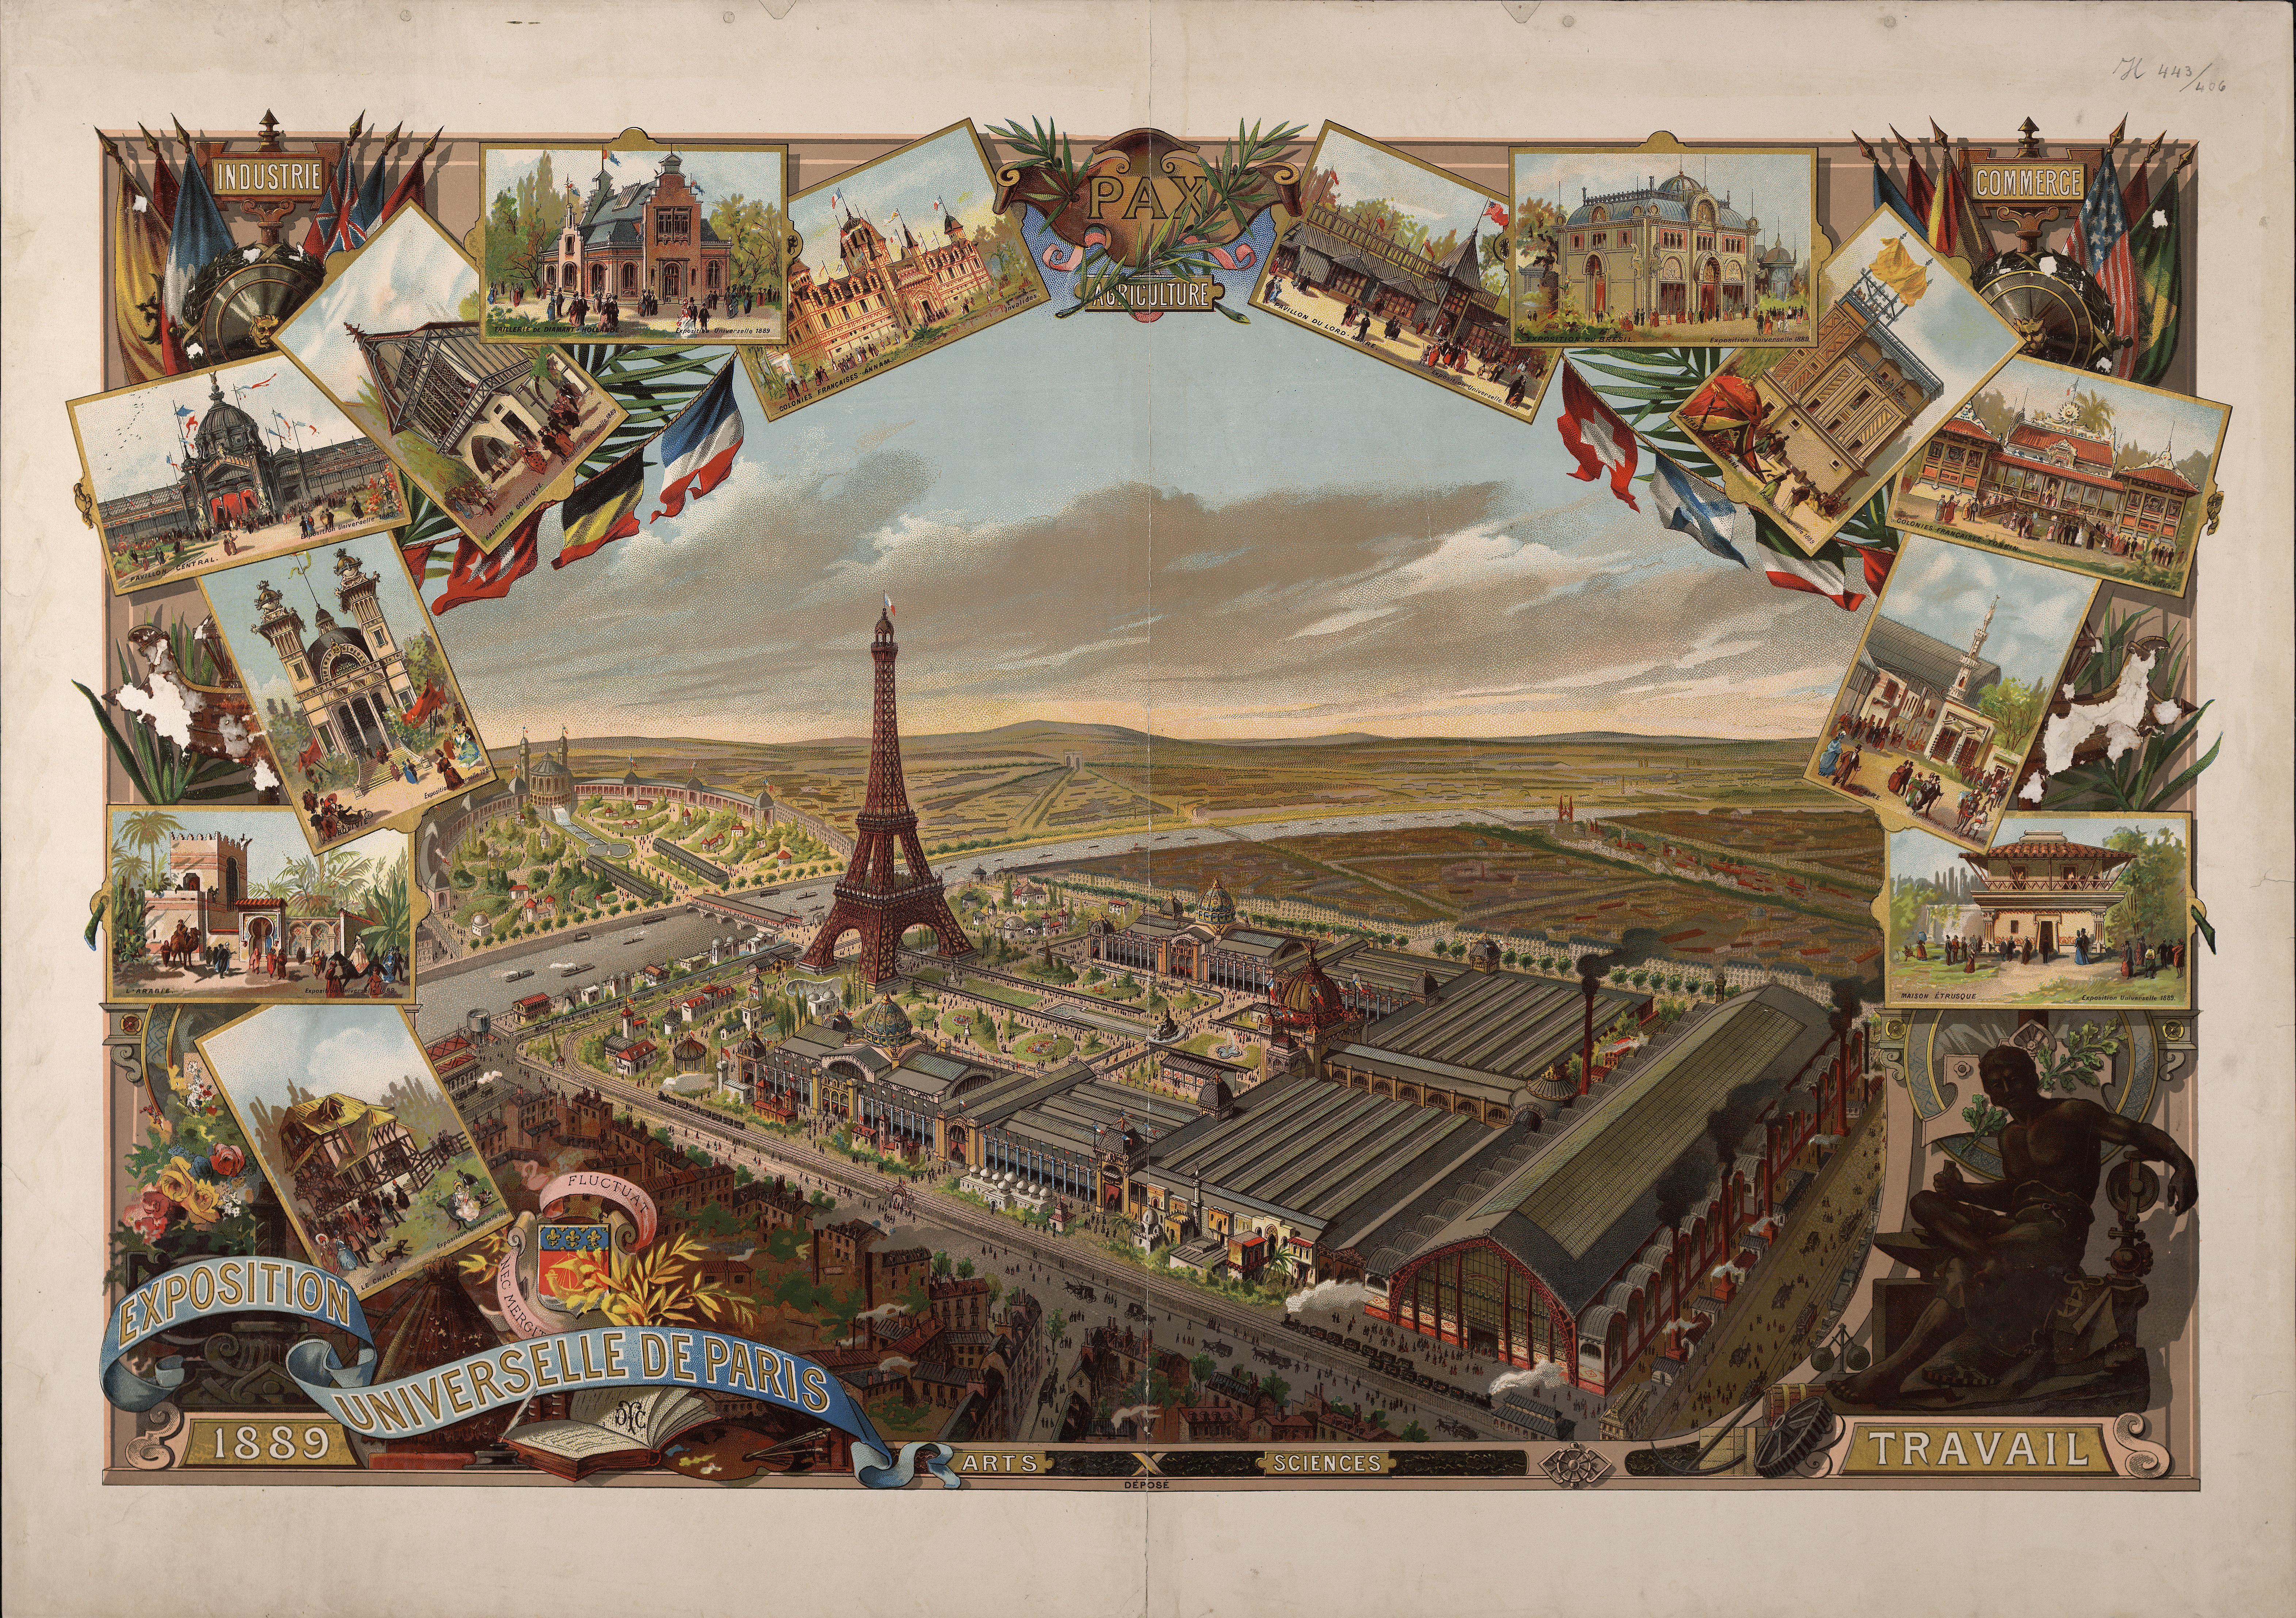 Exposition Universelle De Paris De 1889 Wikipedia